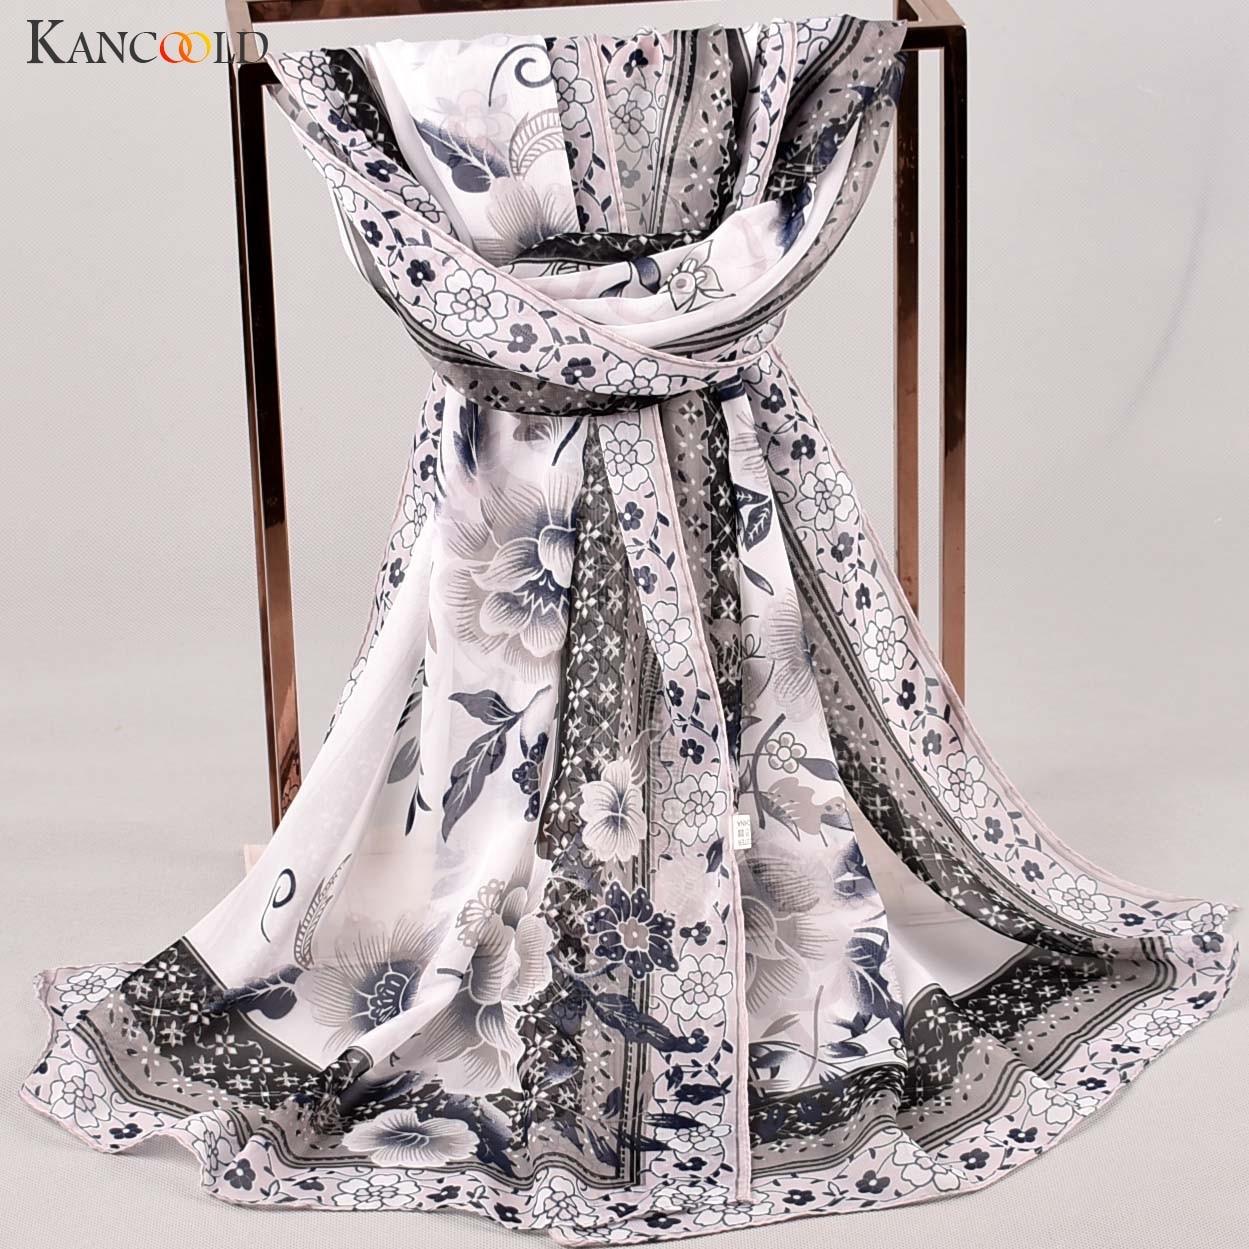 KANCOOLD Scarf Women Fashion Printed Soft Chiffon Shawl Scarf Wrap Wraps Scarves High Quality Casual Scarf Women 2018Nov5